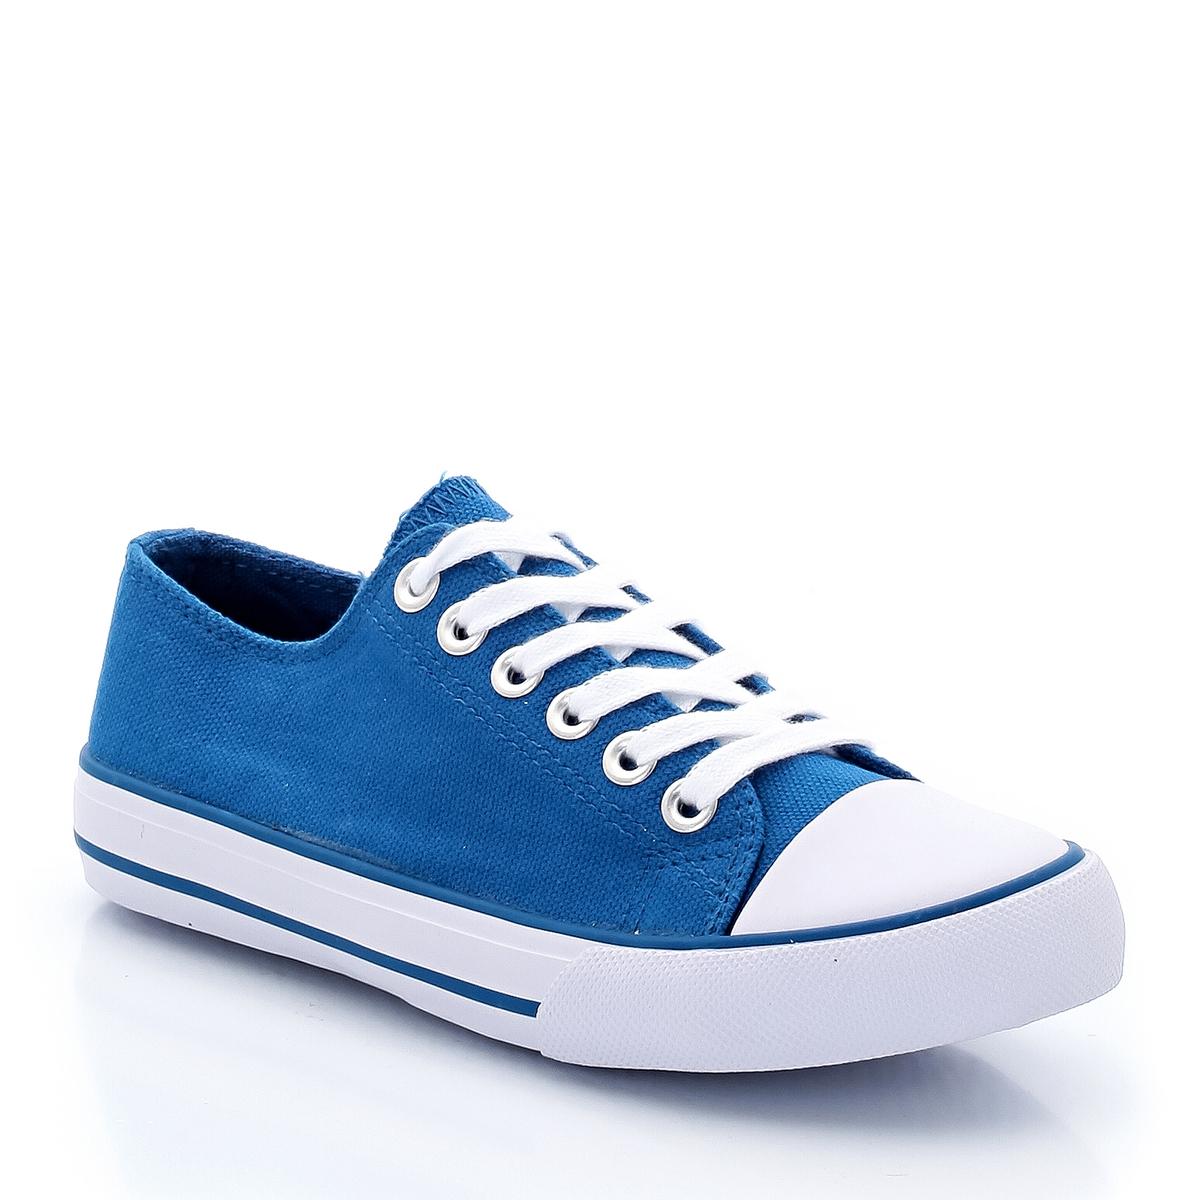 Кеды тканевые, размеры 26-40Описание:Детали •  Спортивный стиль •  Плоский каблук •  Застежка : шнуровка •  Гладкая отделкаСостав и уход •  Верх/Голенище : 100% хлопок •  Подкладка : 100% хлопок •  Стелька : 100% хлопок •  Подошва : 100% каучук<br><br>Цвет: синий морской<br>Размер: 27